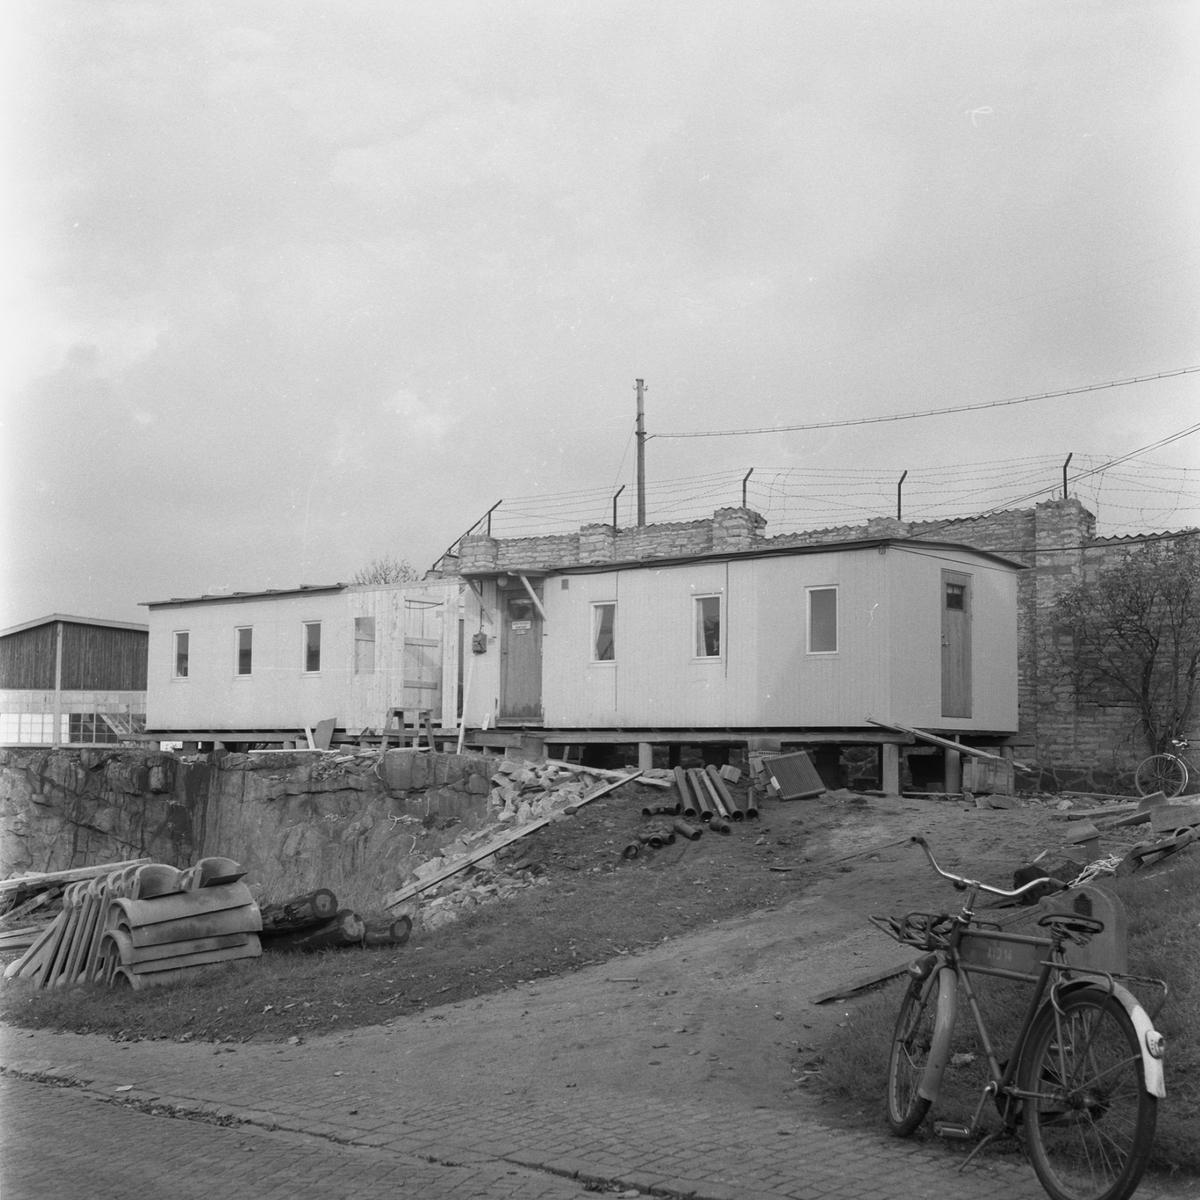 Övrigt: Fotodatum:8/10 1958 Byggnader och Kranar. Rivning av maskranen ext o int på g:a kajen vid maskinverket.